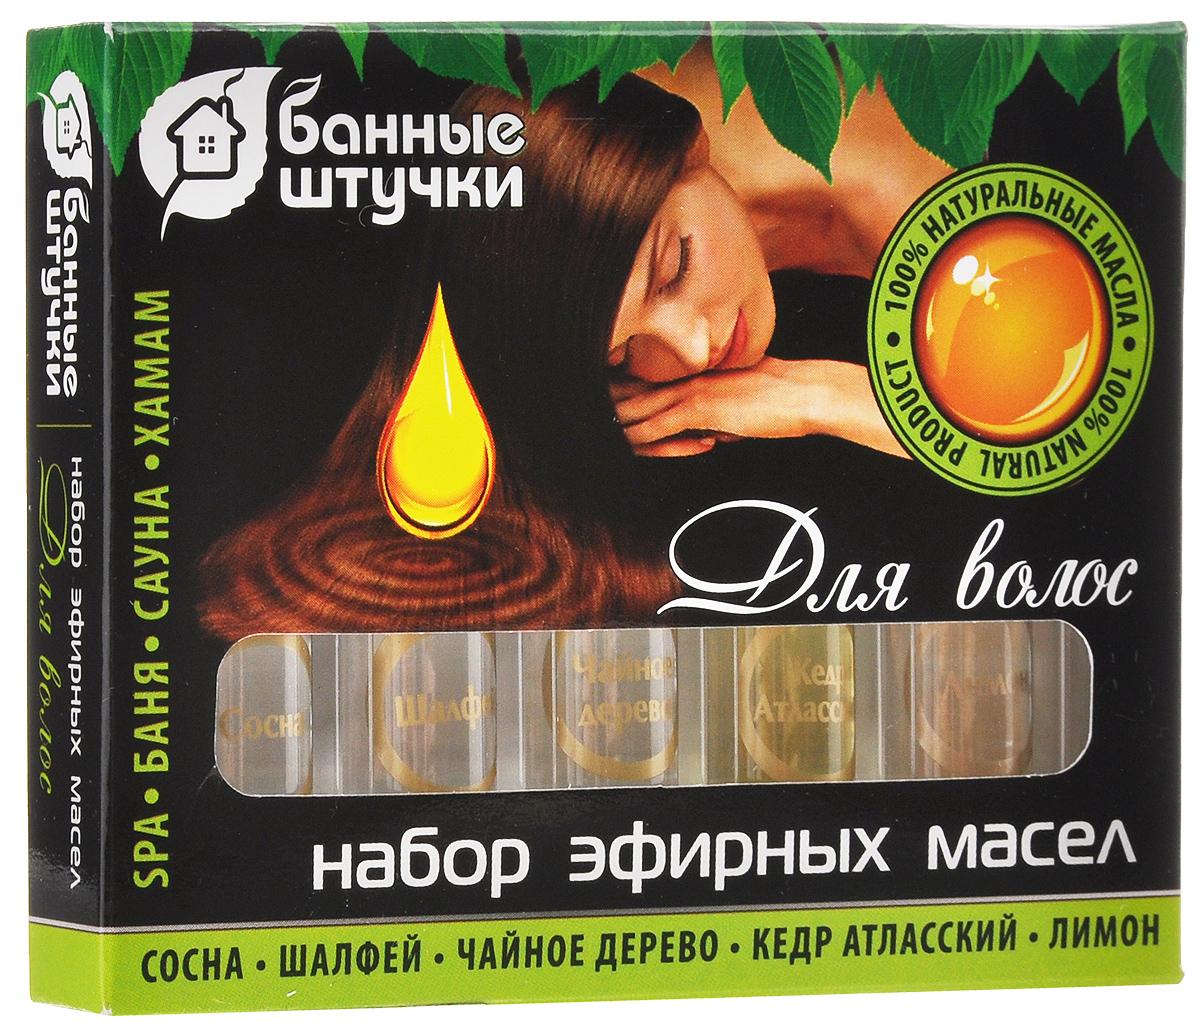 Набор эфирных масел для волос Банные штучки, 2 мл, 5 шт34301Эфирные масла добавляются в шампунь, бальзам, маски для волос, а также используются при расчесывании. Это одно из лучших природных средств, доступных в условиях современной экологии, которая негативно влияет на состояние волос. Натуральные эфирные масла сосны, чайного дерева, шалфея, кедра атласского и лимона улучшают состояние кожи головы, уменьшают выпадение, устраняют ломкость и тусклость волос.